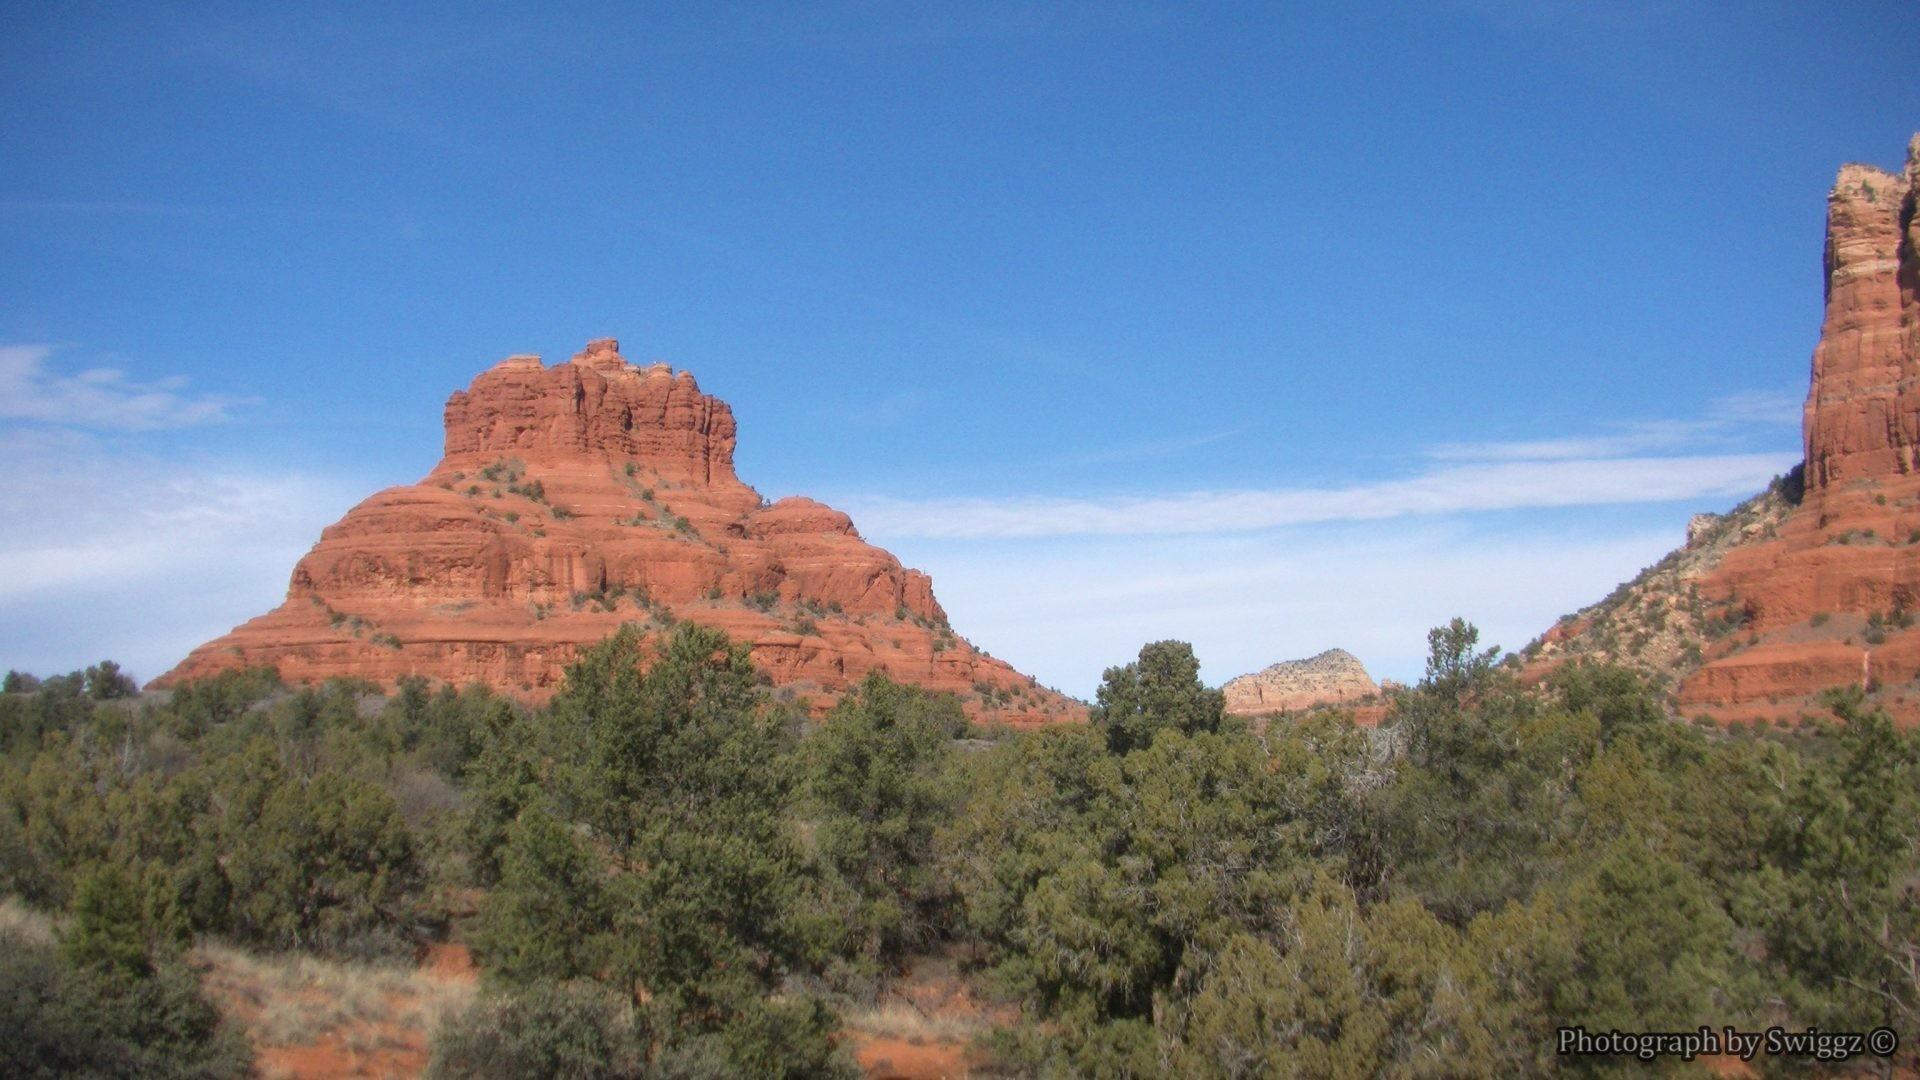 Desert – Bell Rock Sedona Arizona Nature Desert Sky Pictures For Desktop  for HD 16: